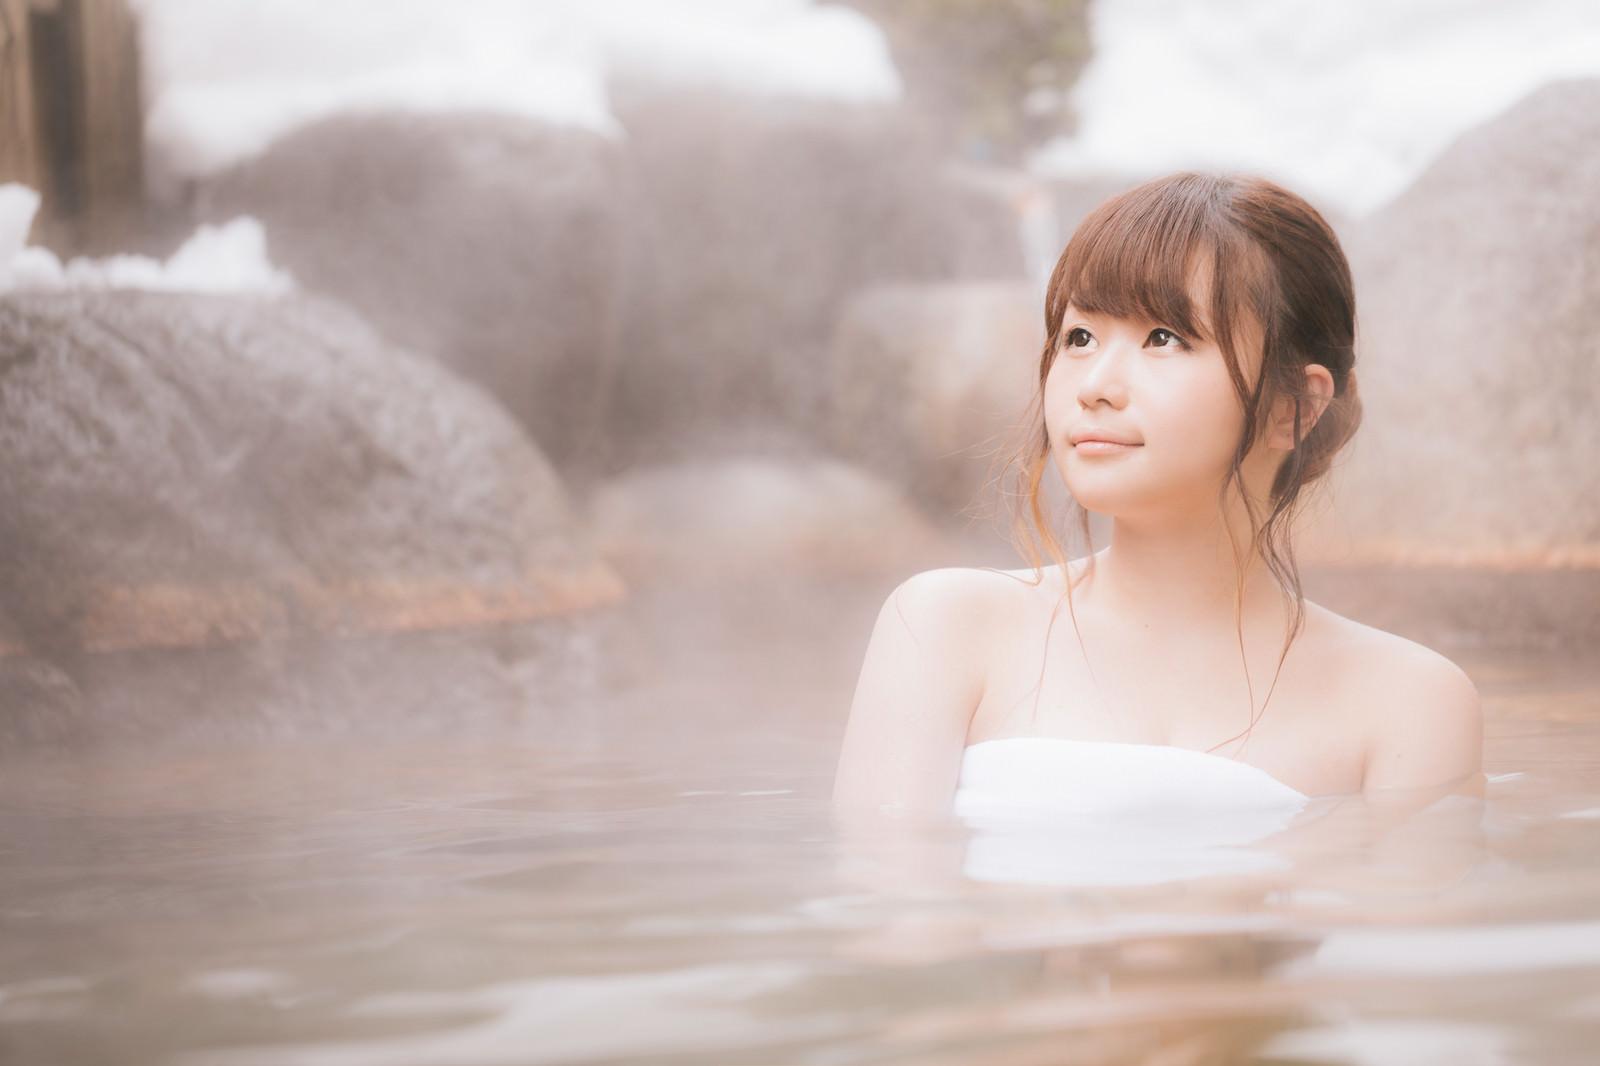 「露天風呂で疲れを癒やす若い女性」の写真[モデル:茜さや]